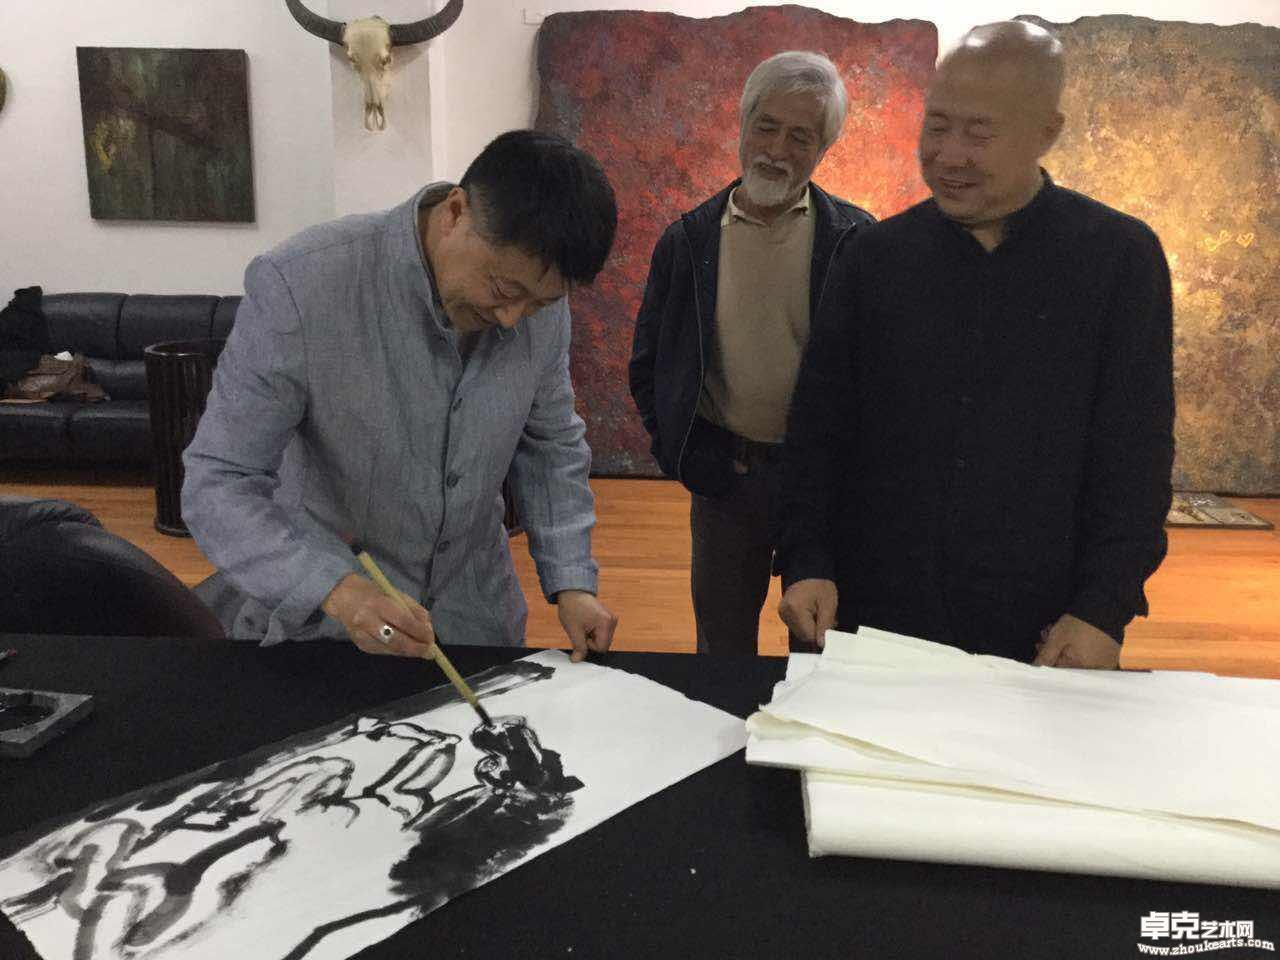 台湾展览~与同学蒋悦合作,与台湾画家现场交流